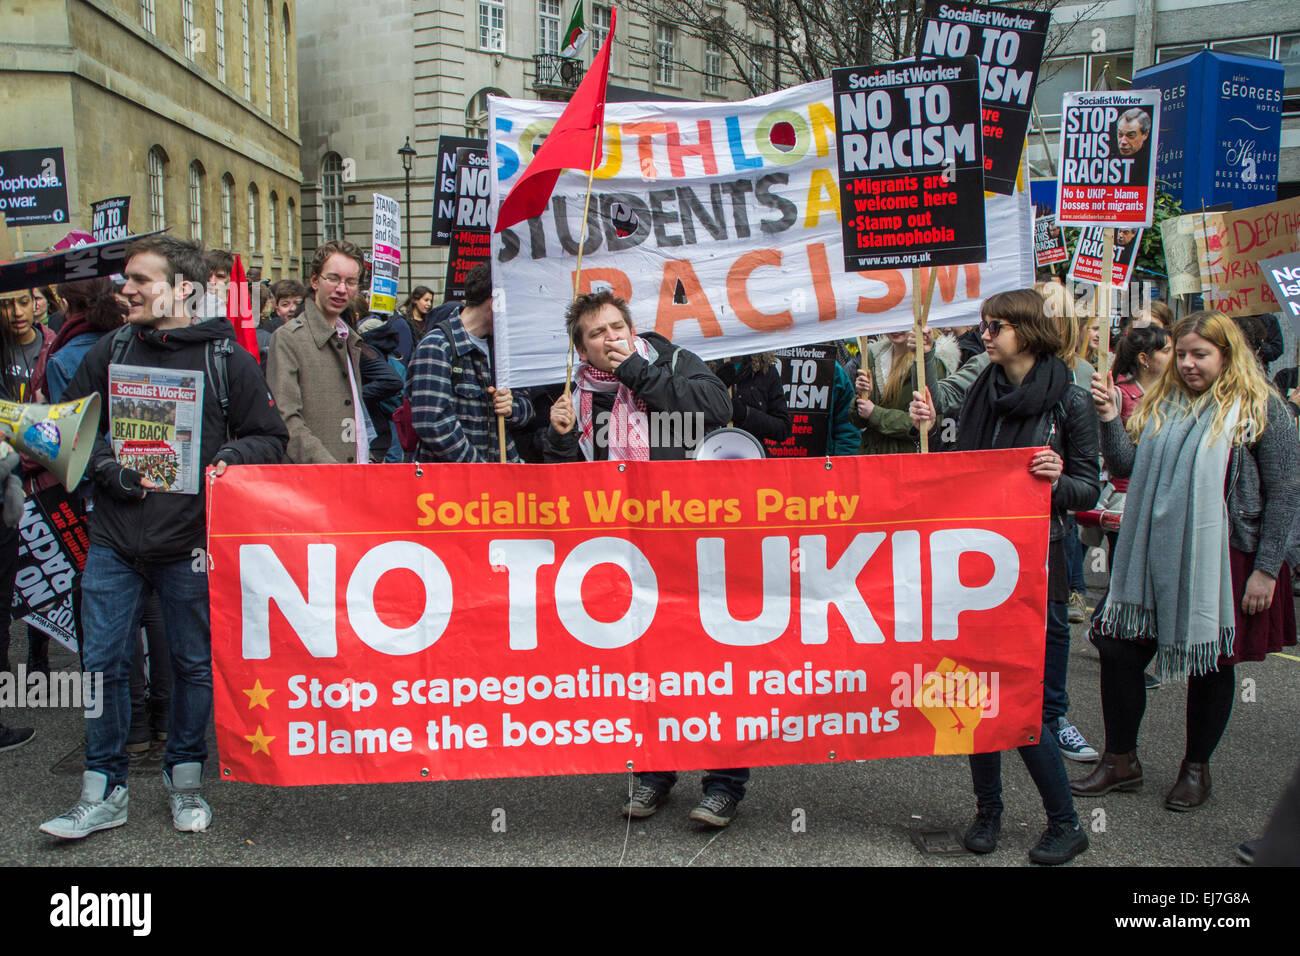 Londra REGNO UNITO, XXI Marzo 2015: dimostranti presso lo stand fino alla lotta contro il razzismo e il Fascismo Immagini Stock